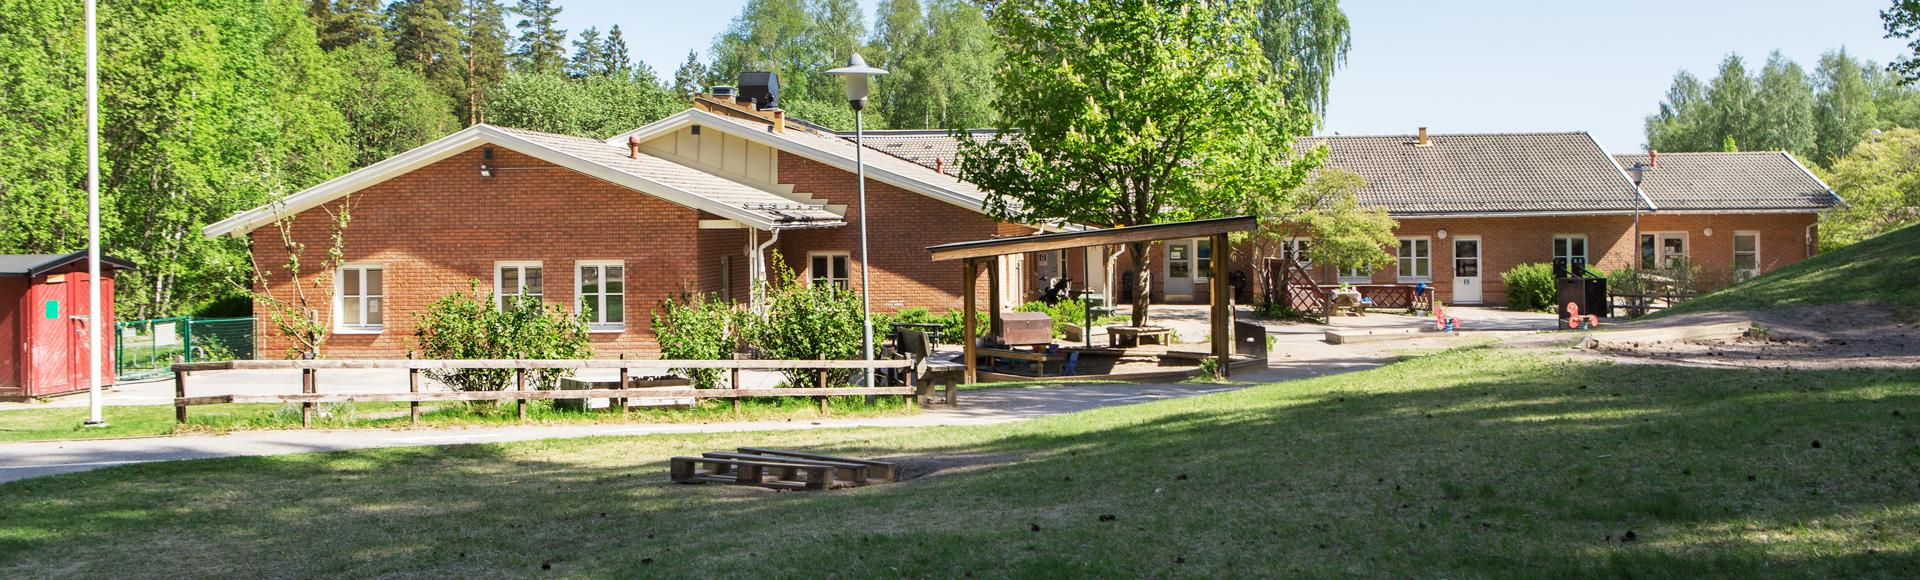 Åby förskola Åby förskola